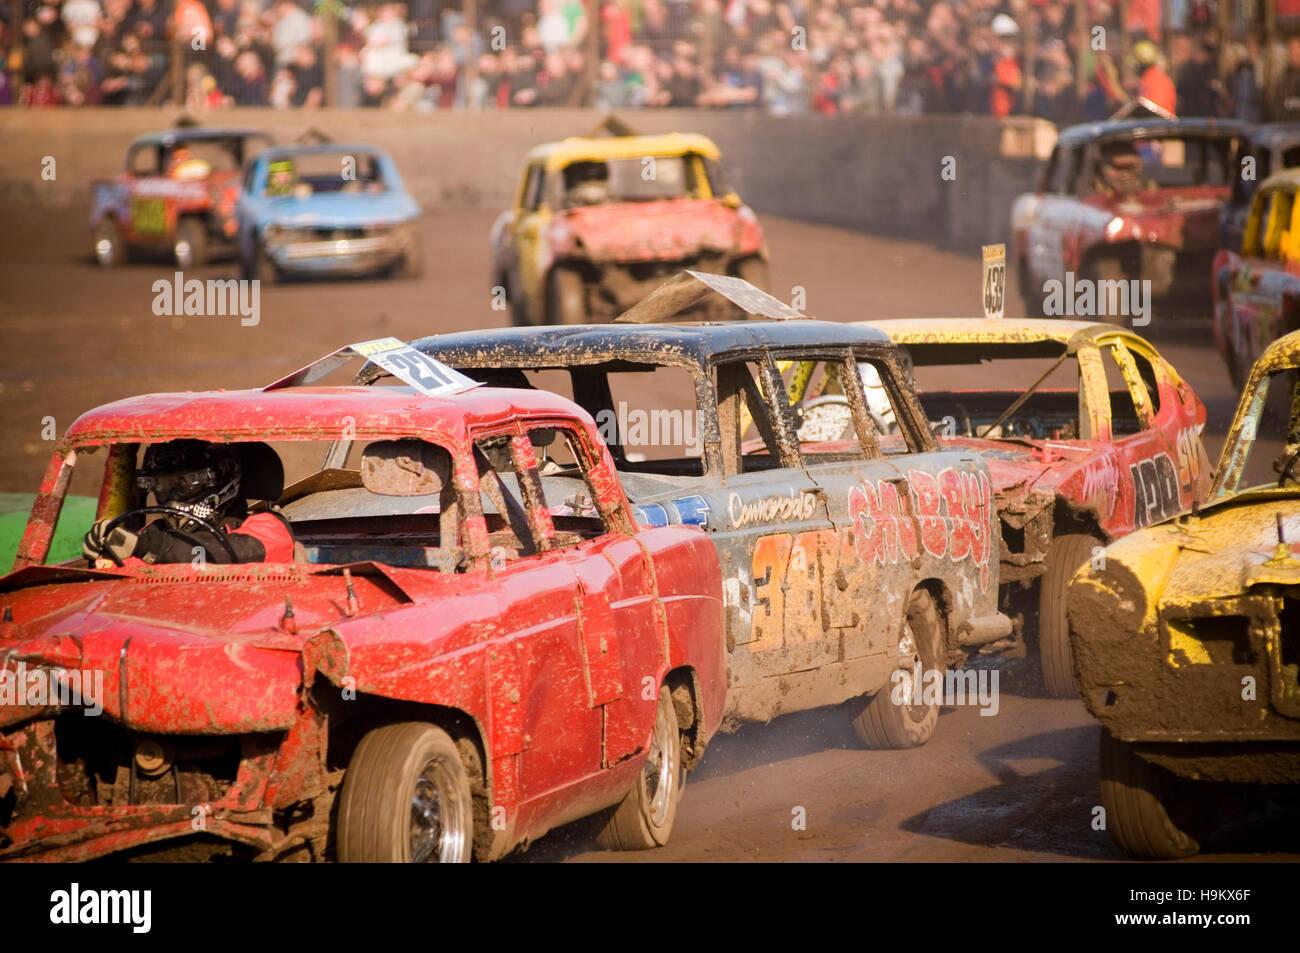 banger racing races race demolition derby derbies destruction old car cars   insurance crash crashes crashing dent - Stock Image